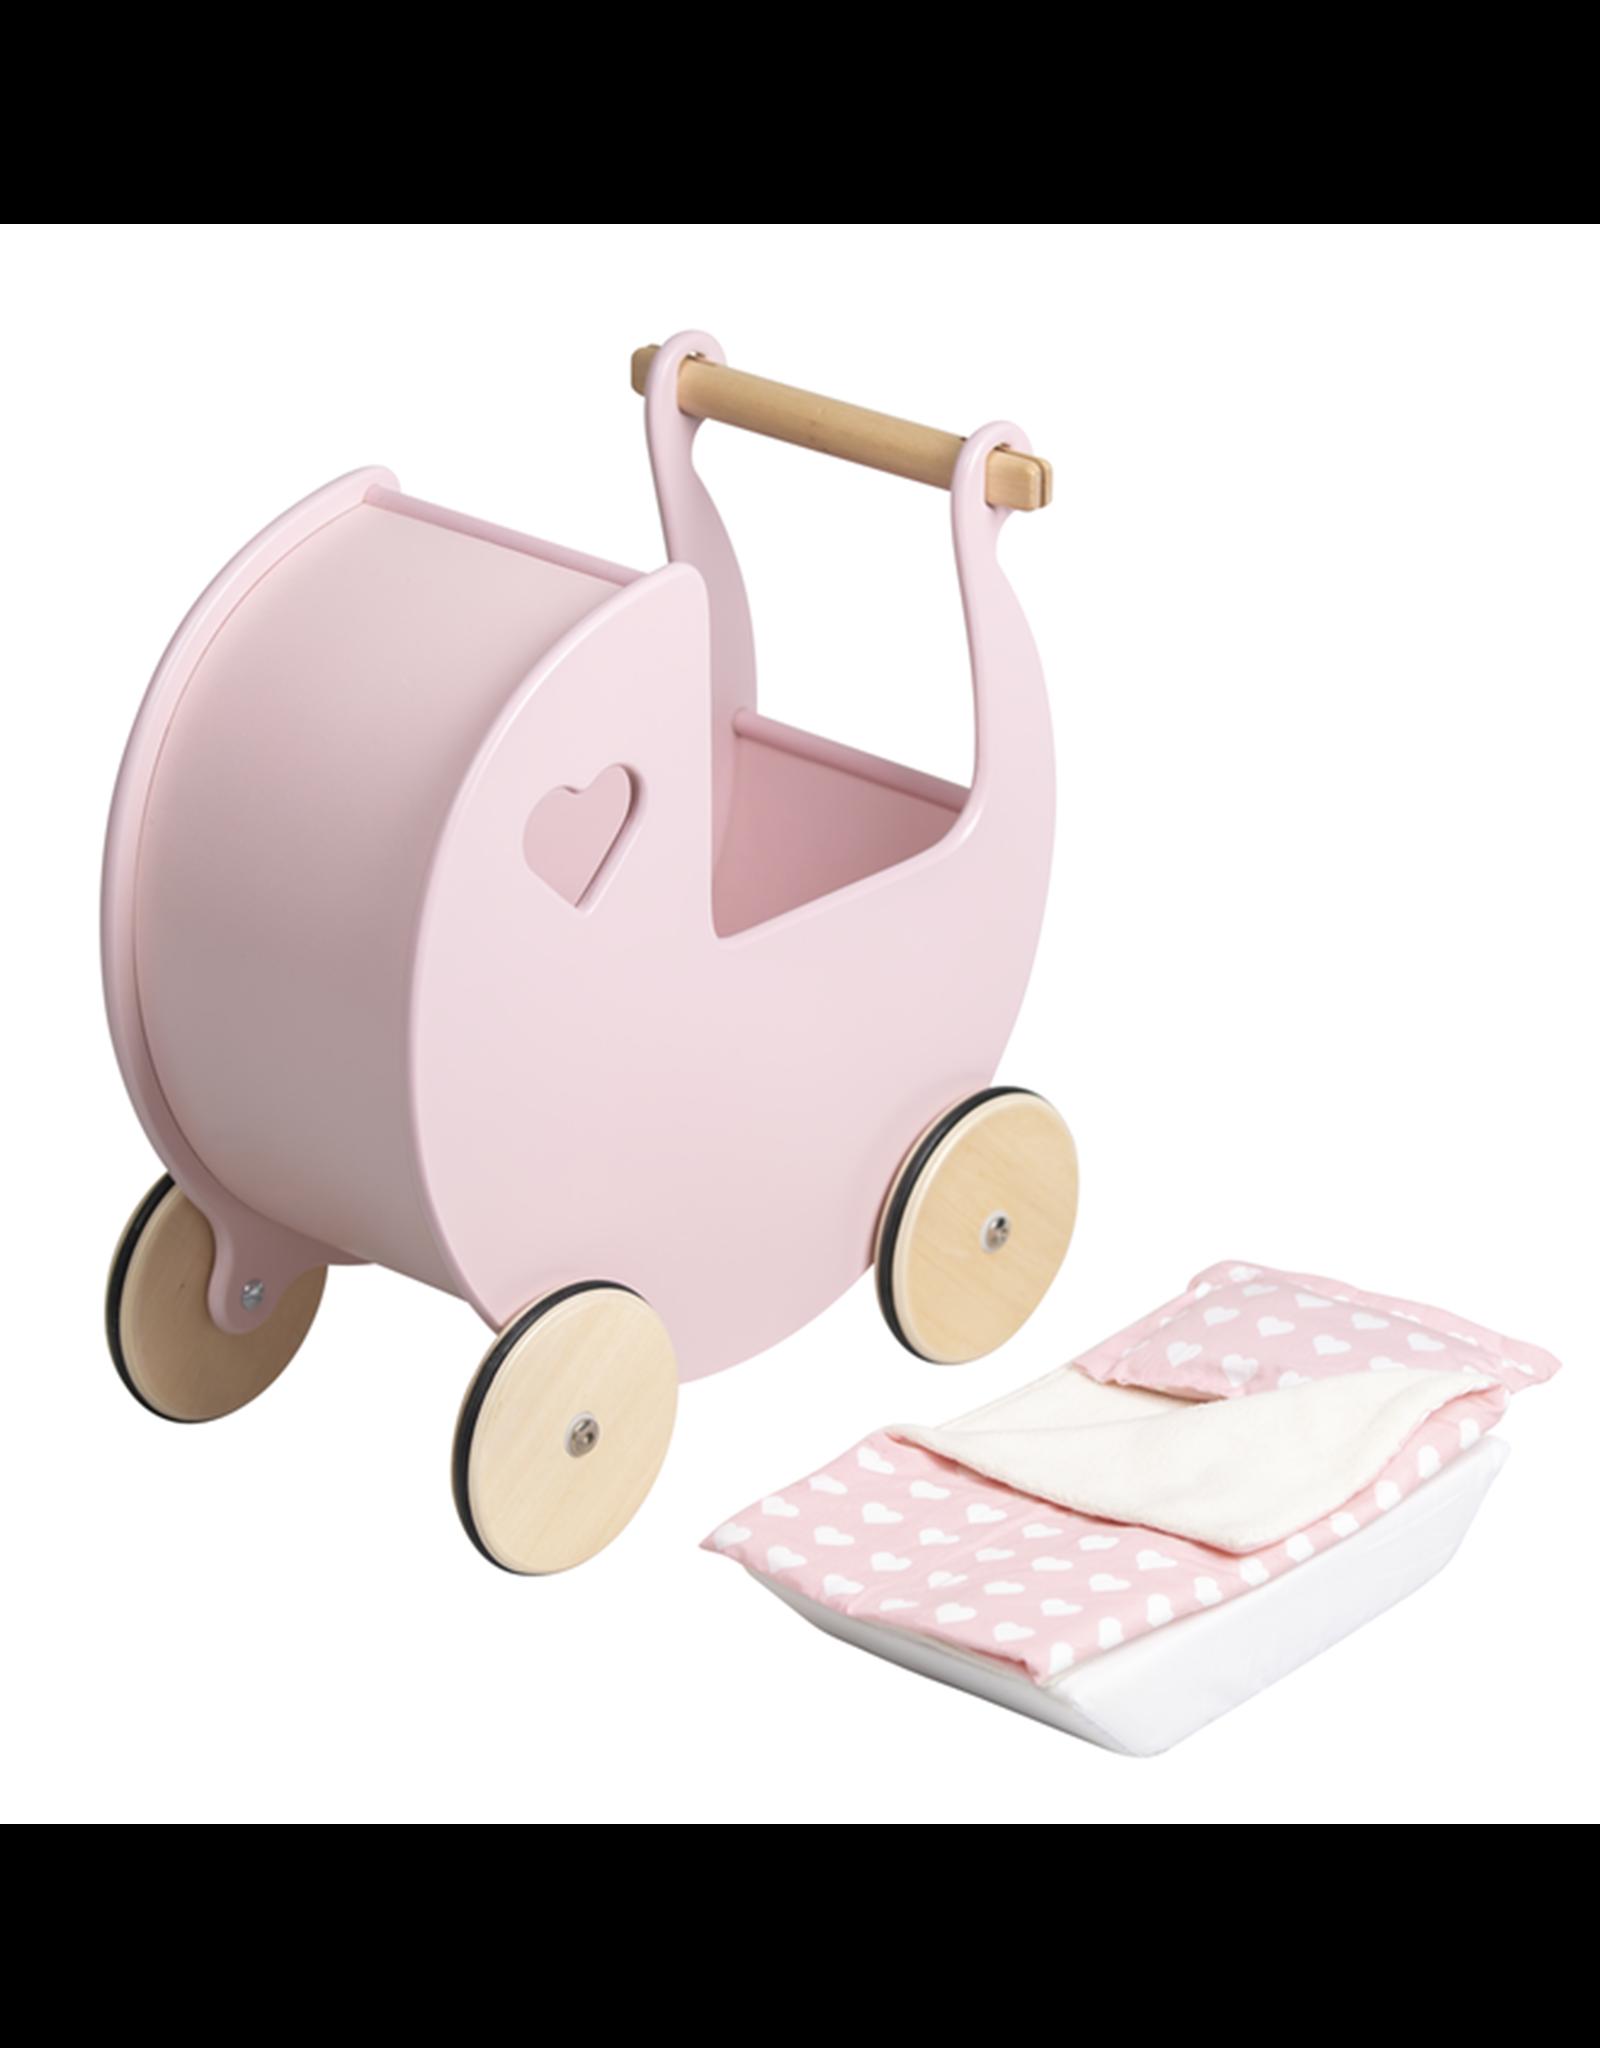 Moover Moover Dolls Pram Bedding -Pink